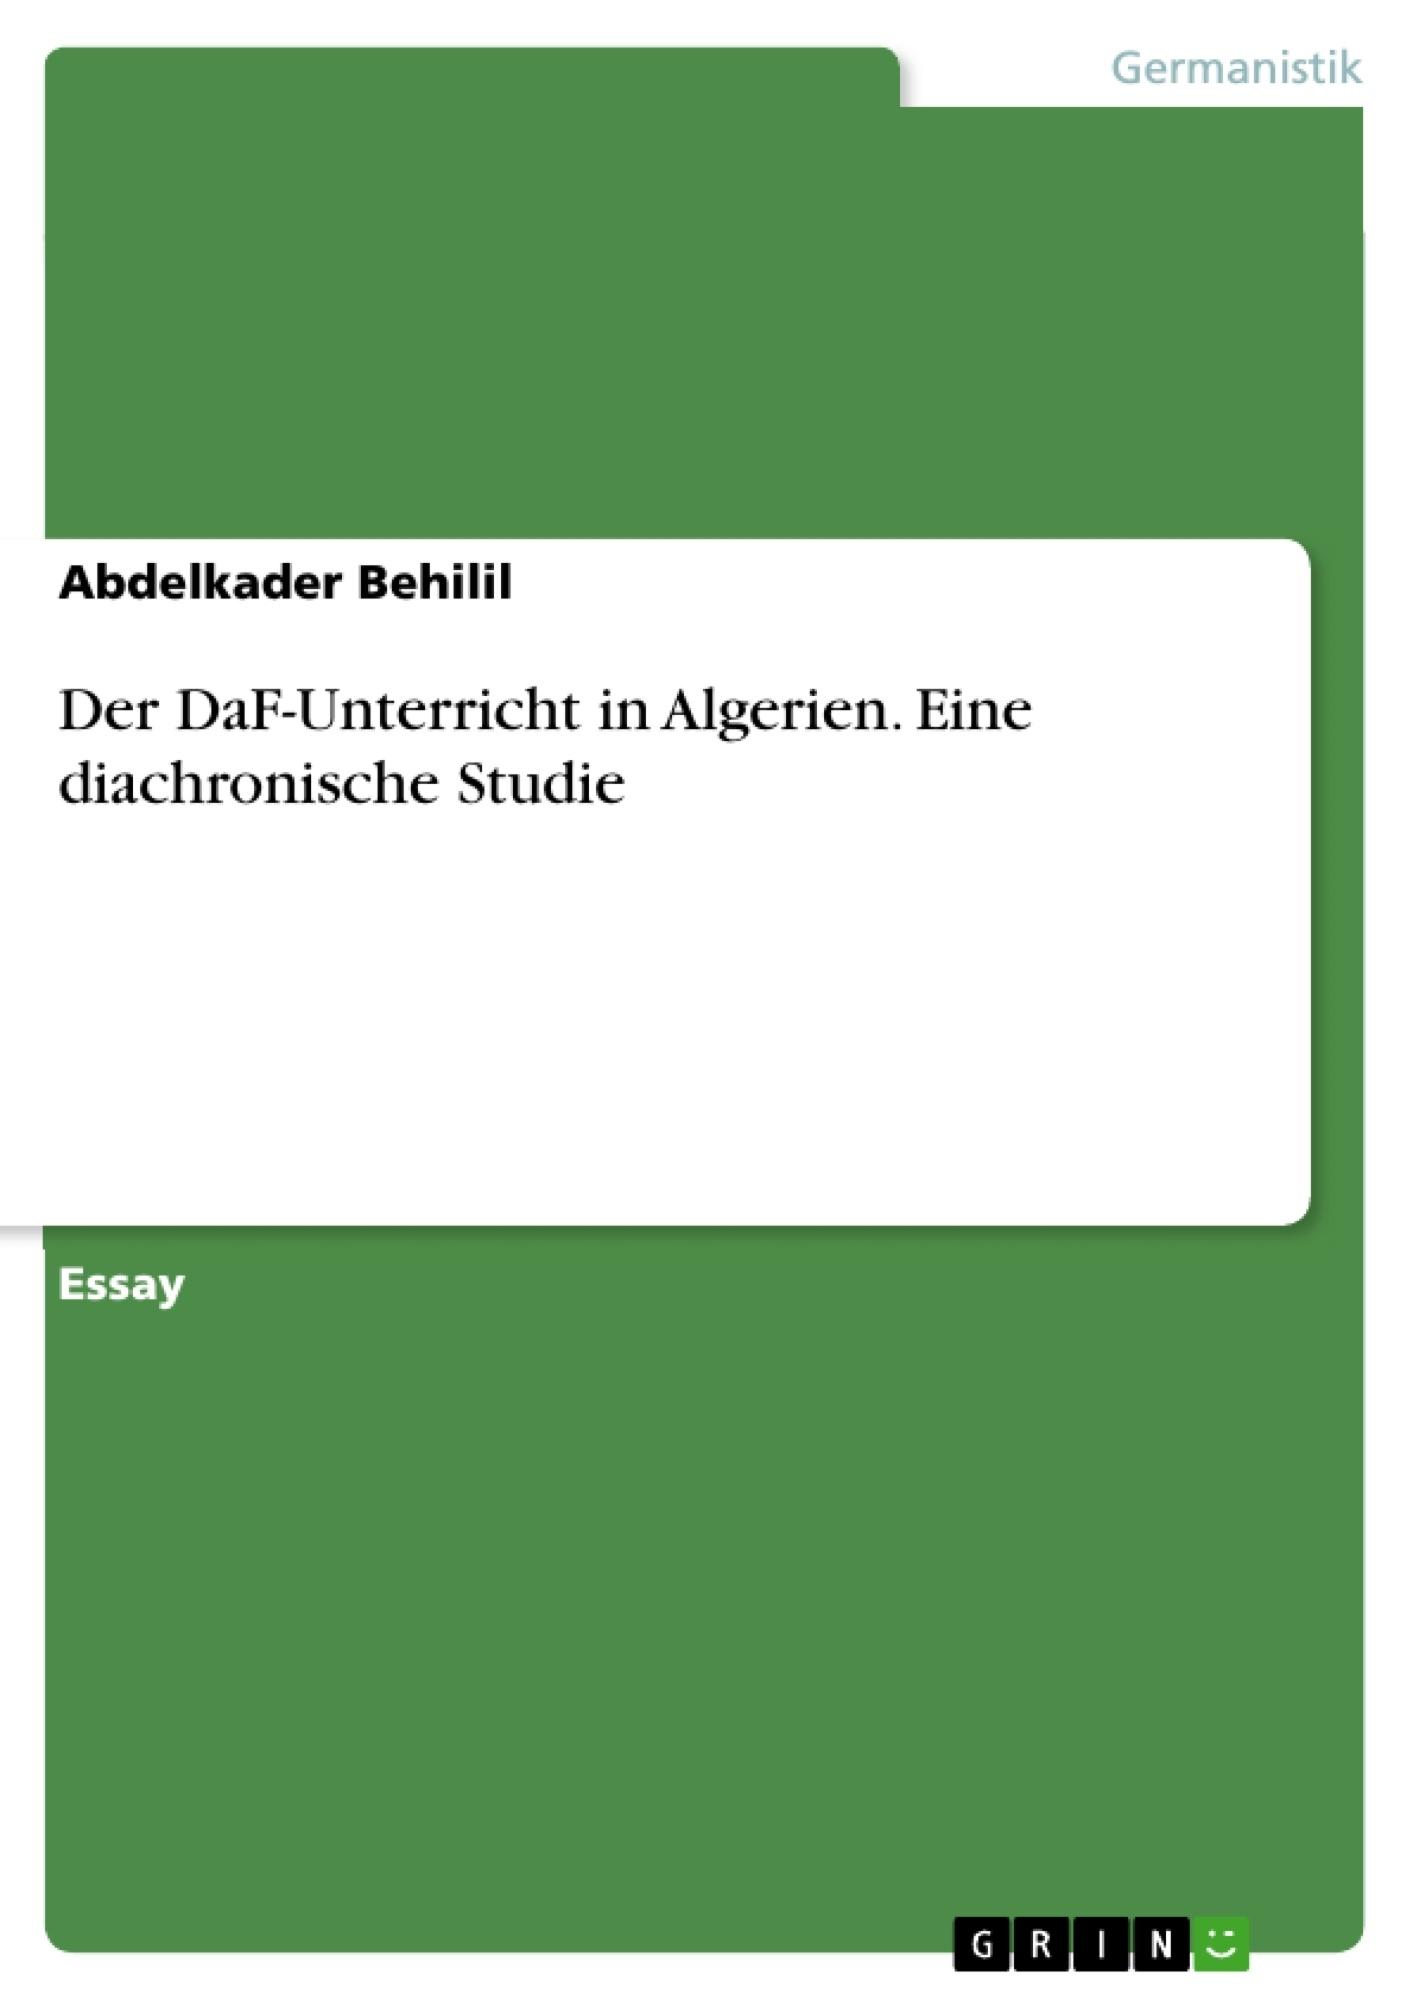 Titel: Der DaF-Unterricht in Algerien. Eine diachronische Studie